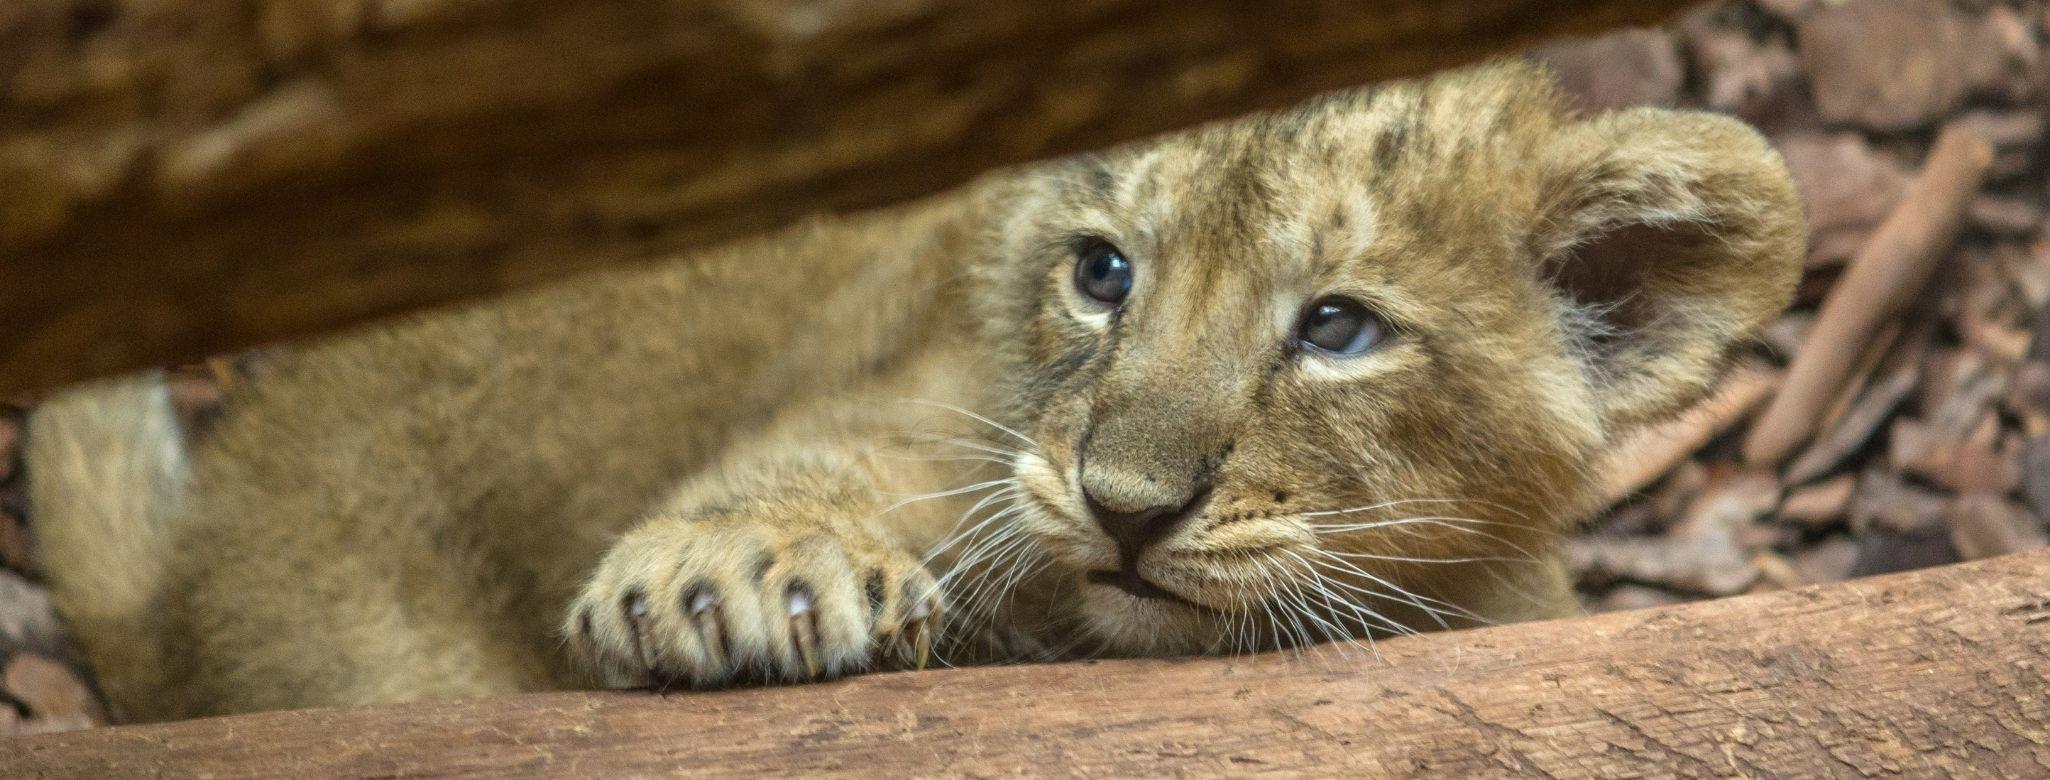 Ô, meu leãozinho!